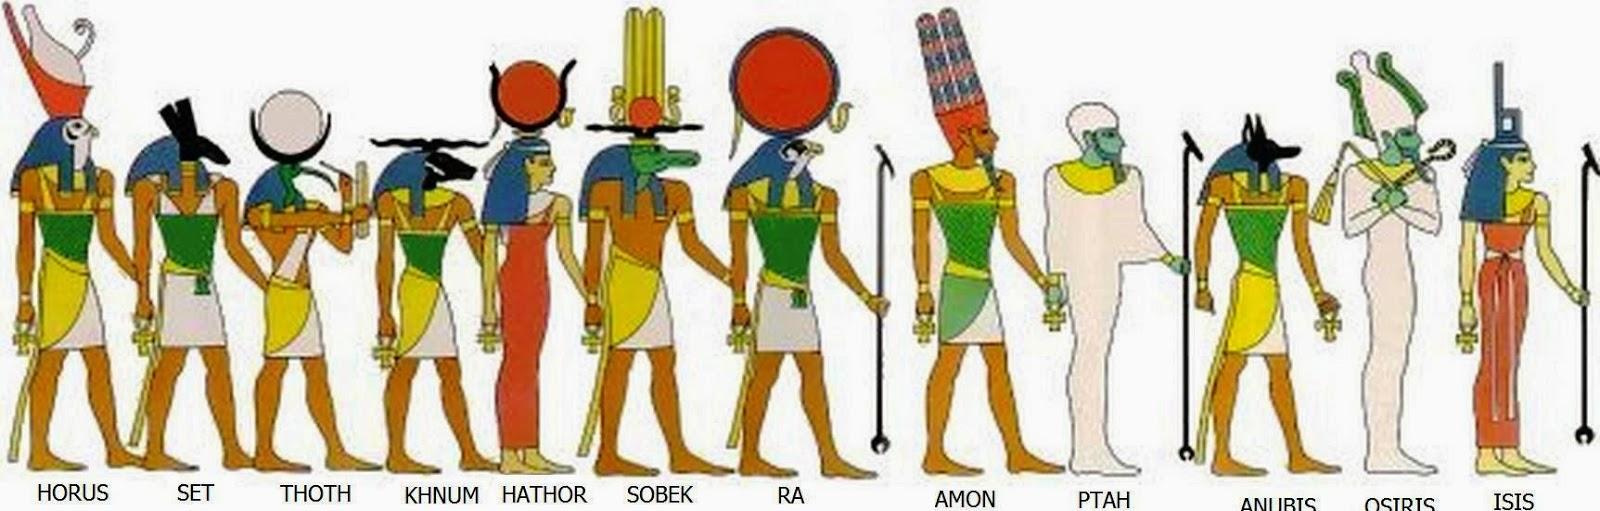 Polytheistic gods